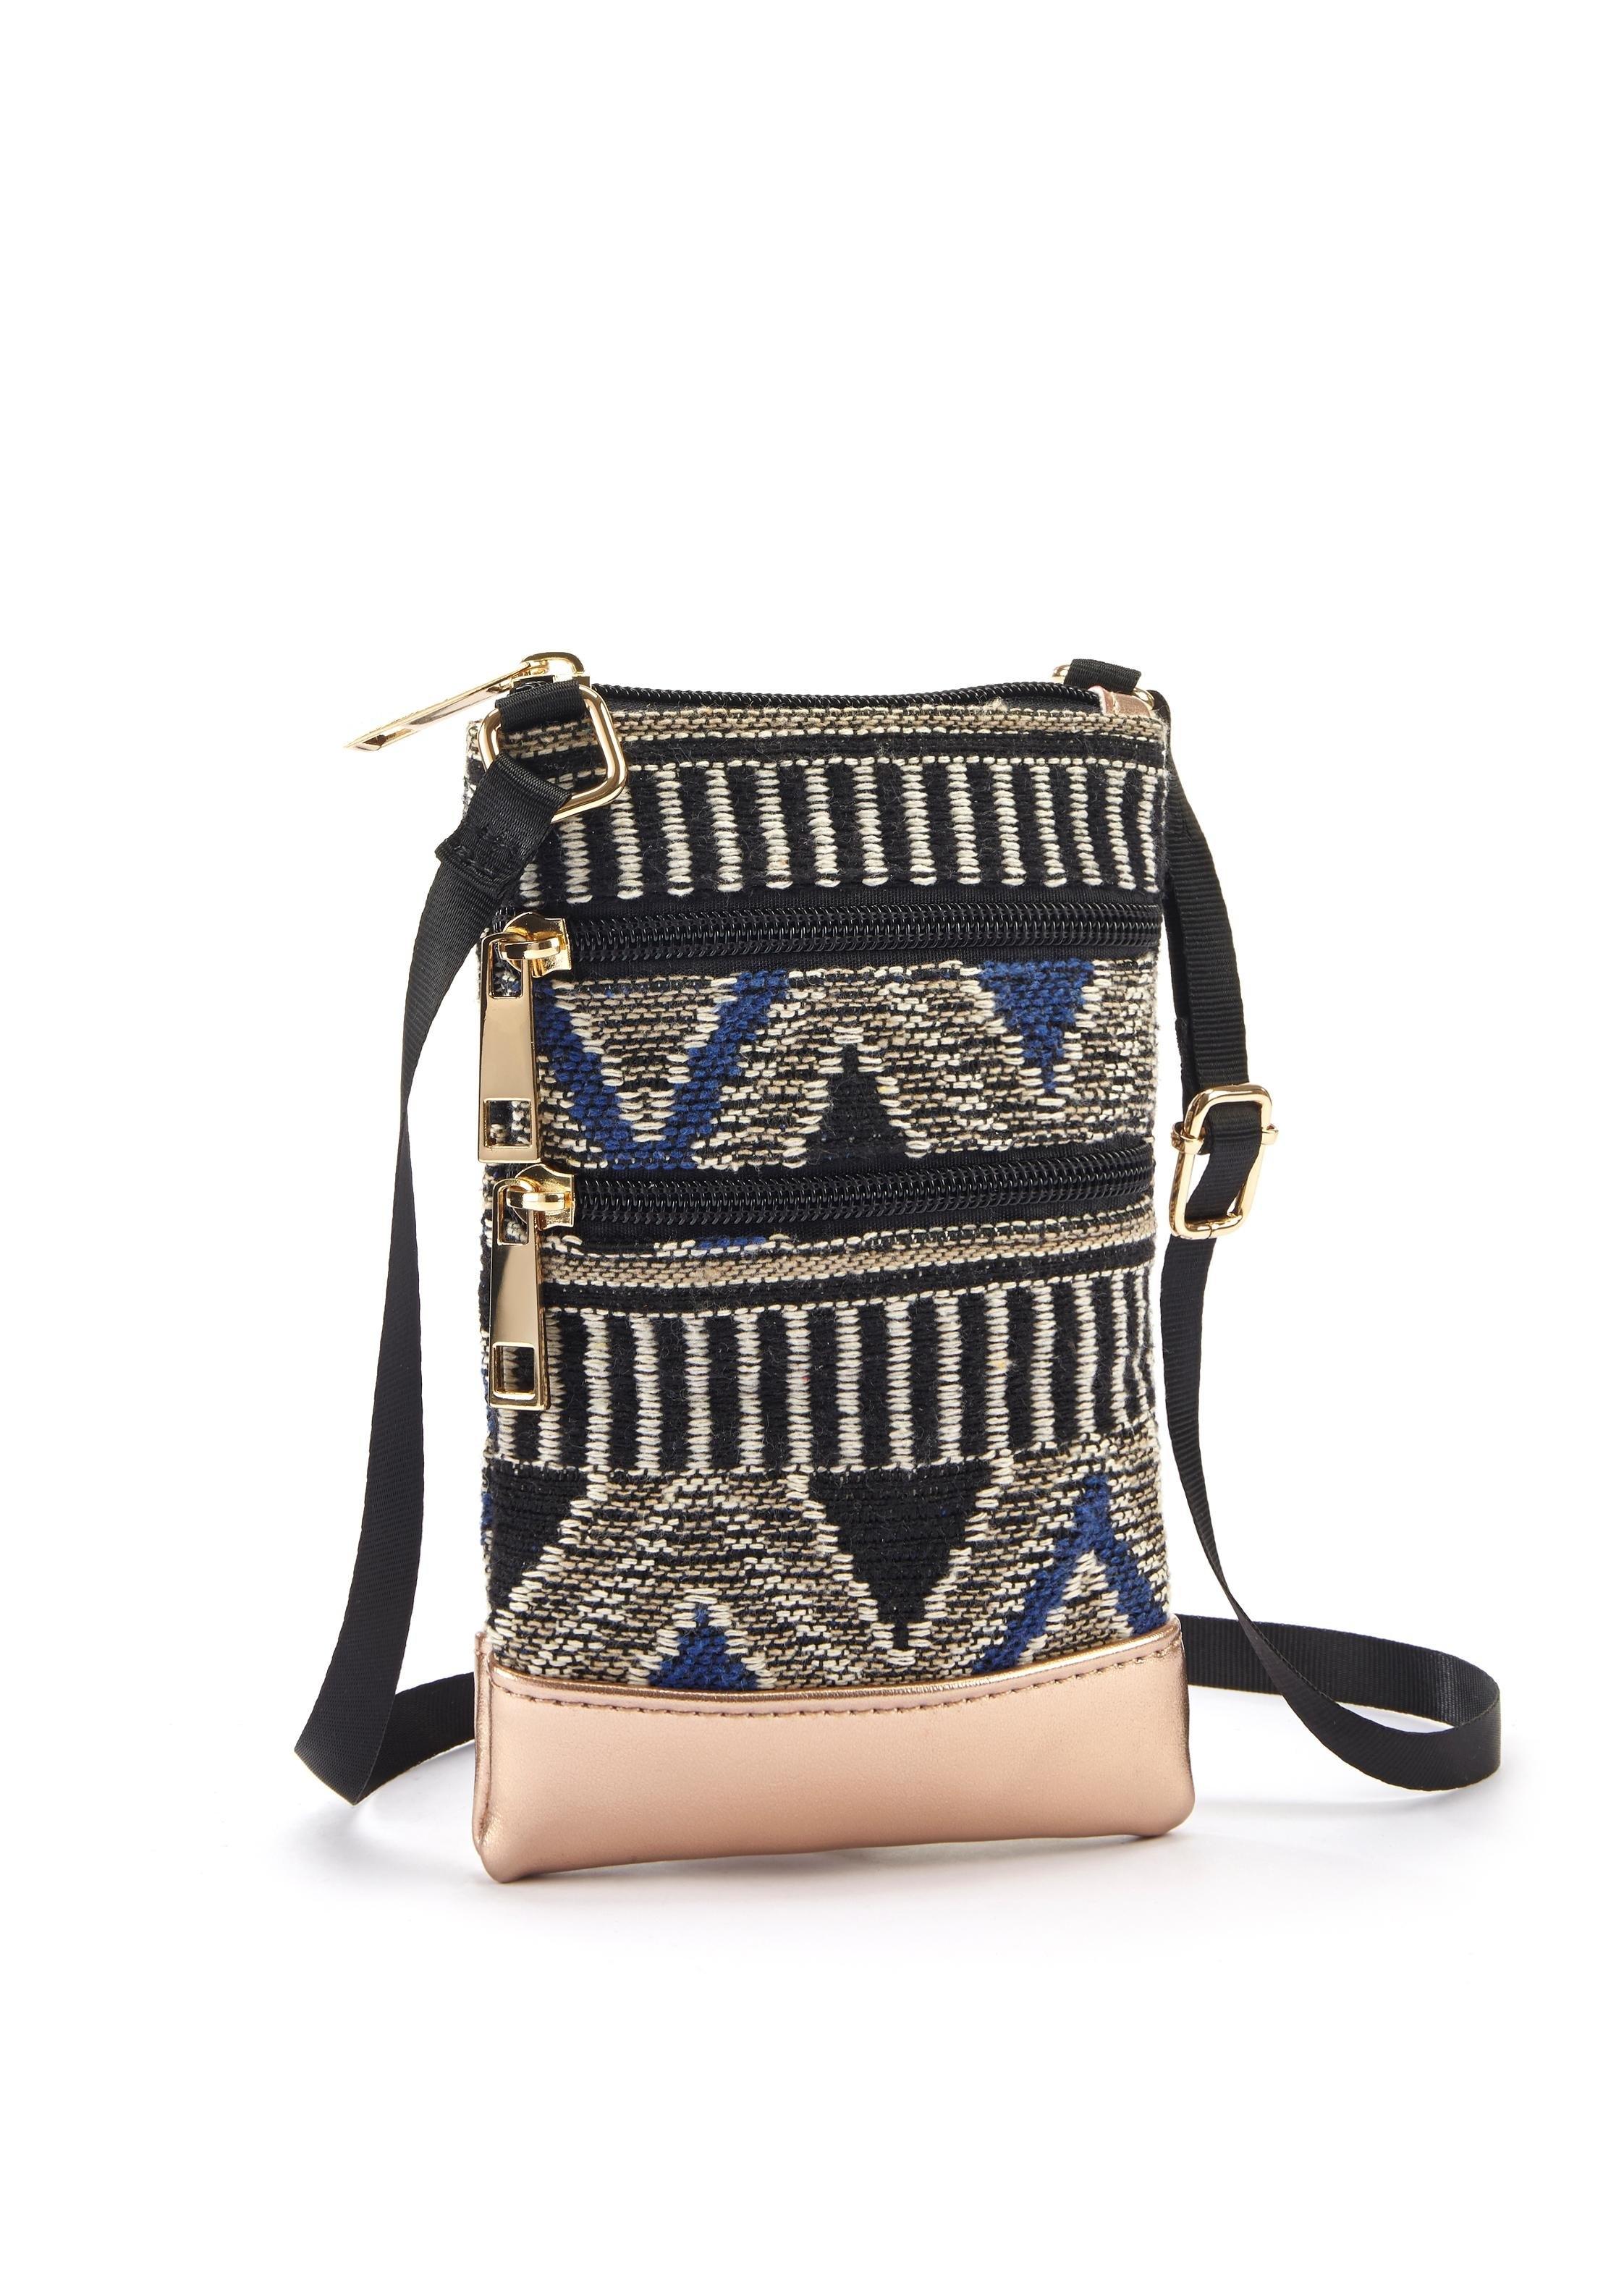 Lascana schoudertas Mini-bag, tasje voor de mobiele telefoon, kan omgehangen worden, in modieuze etno-look in de webshop van Lascana kopen